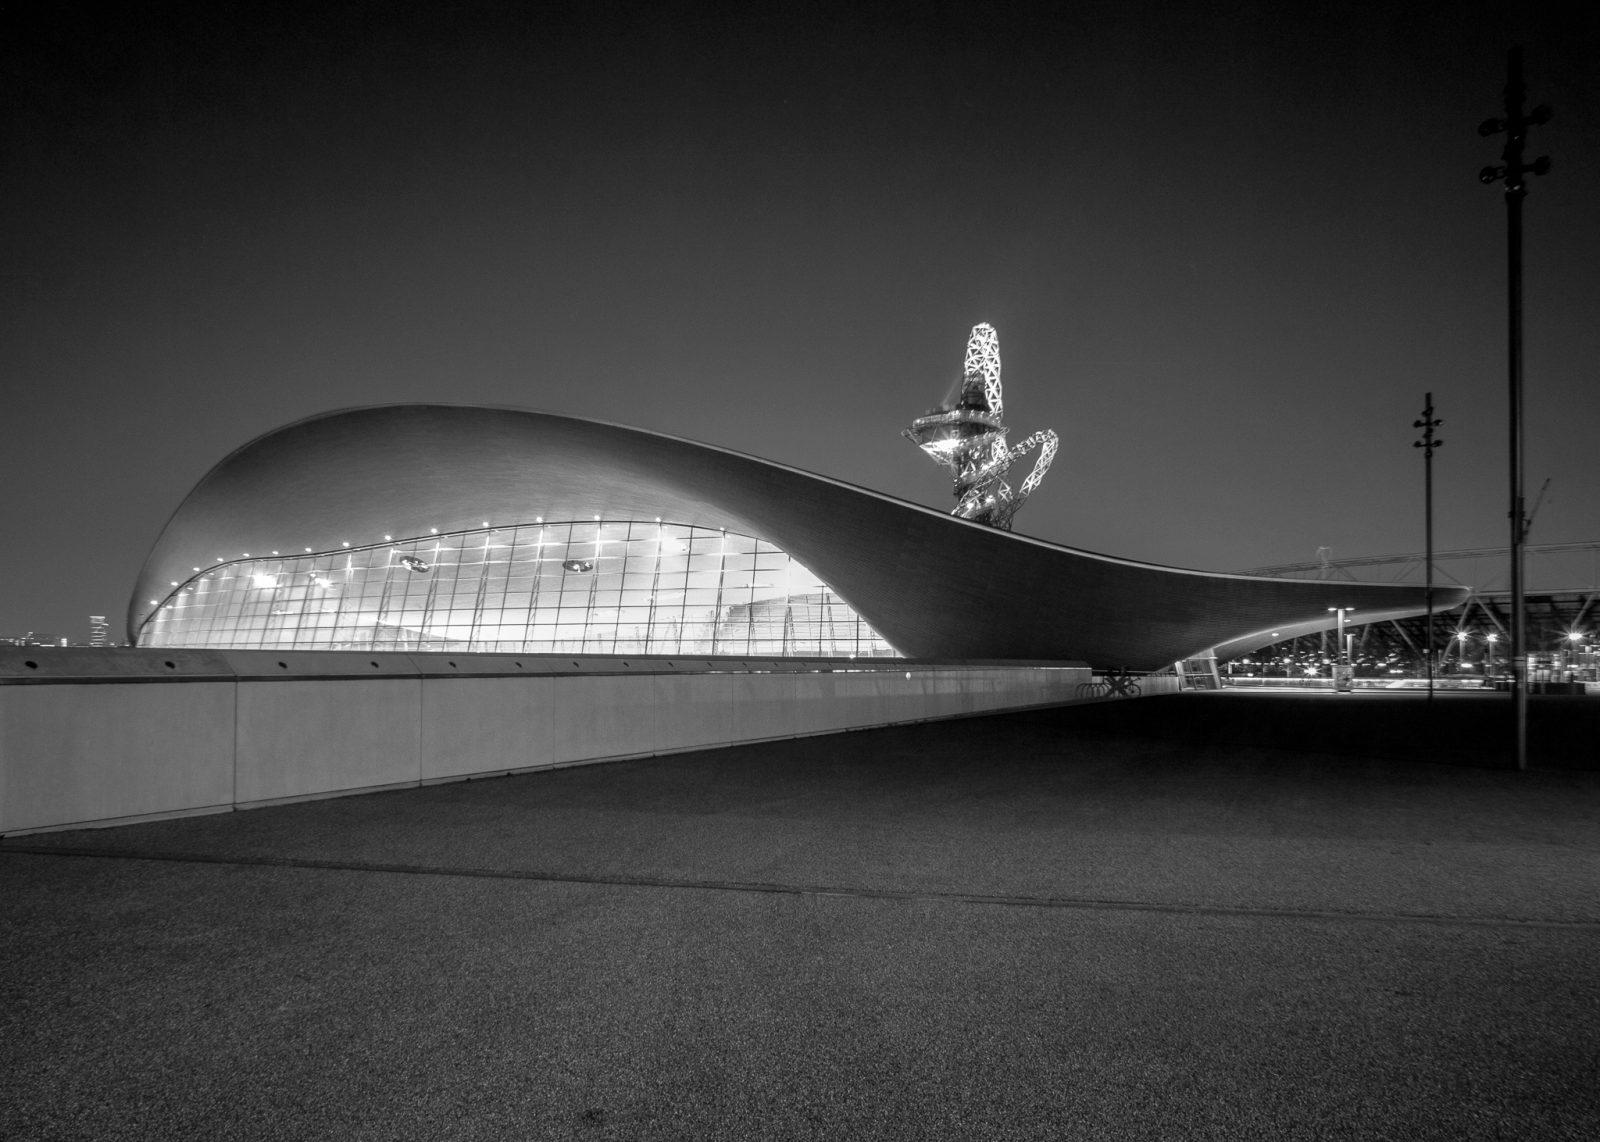 London Aquatic Centre, QEOP